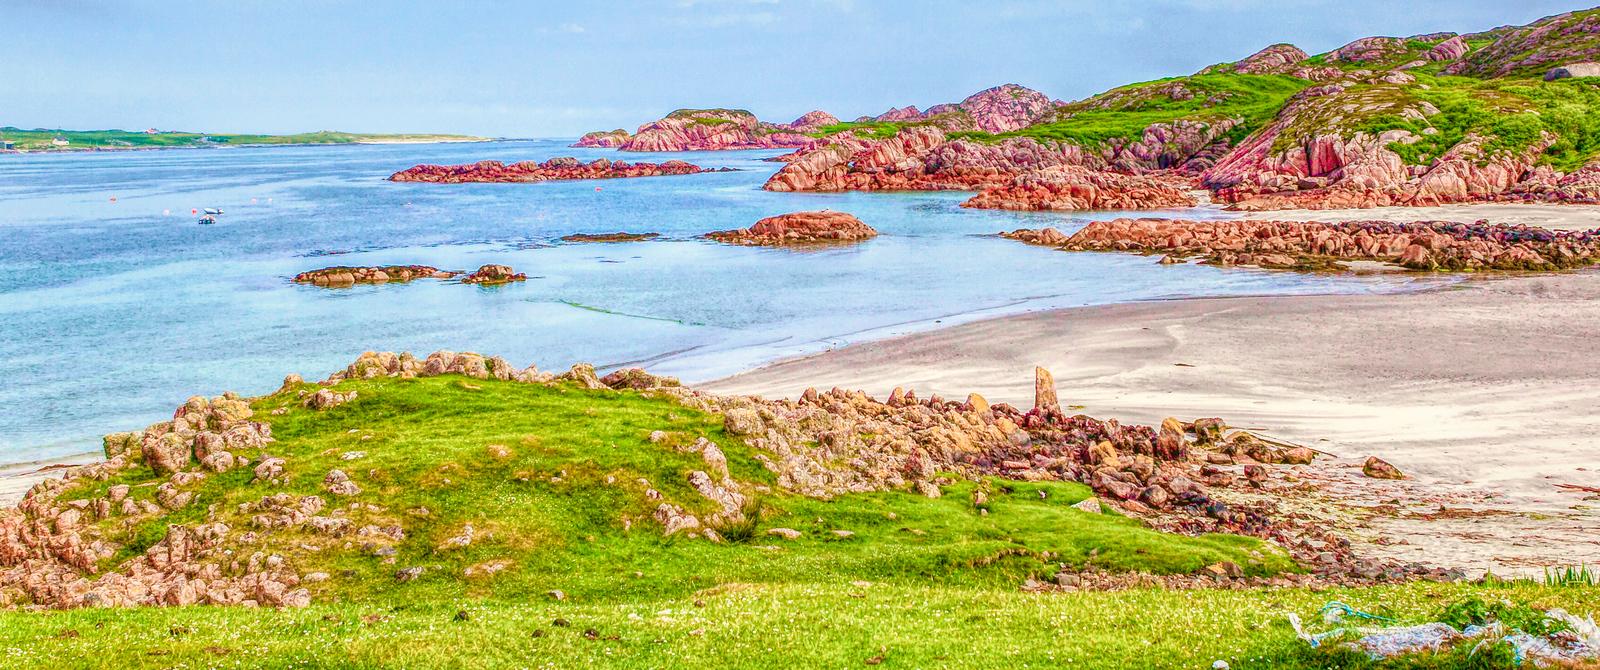 苏格兰美景,读懂大自然